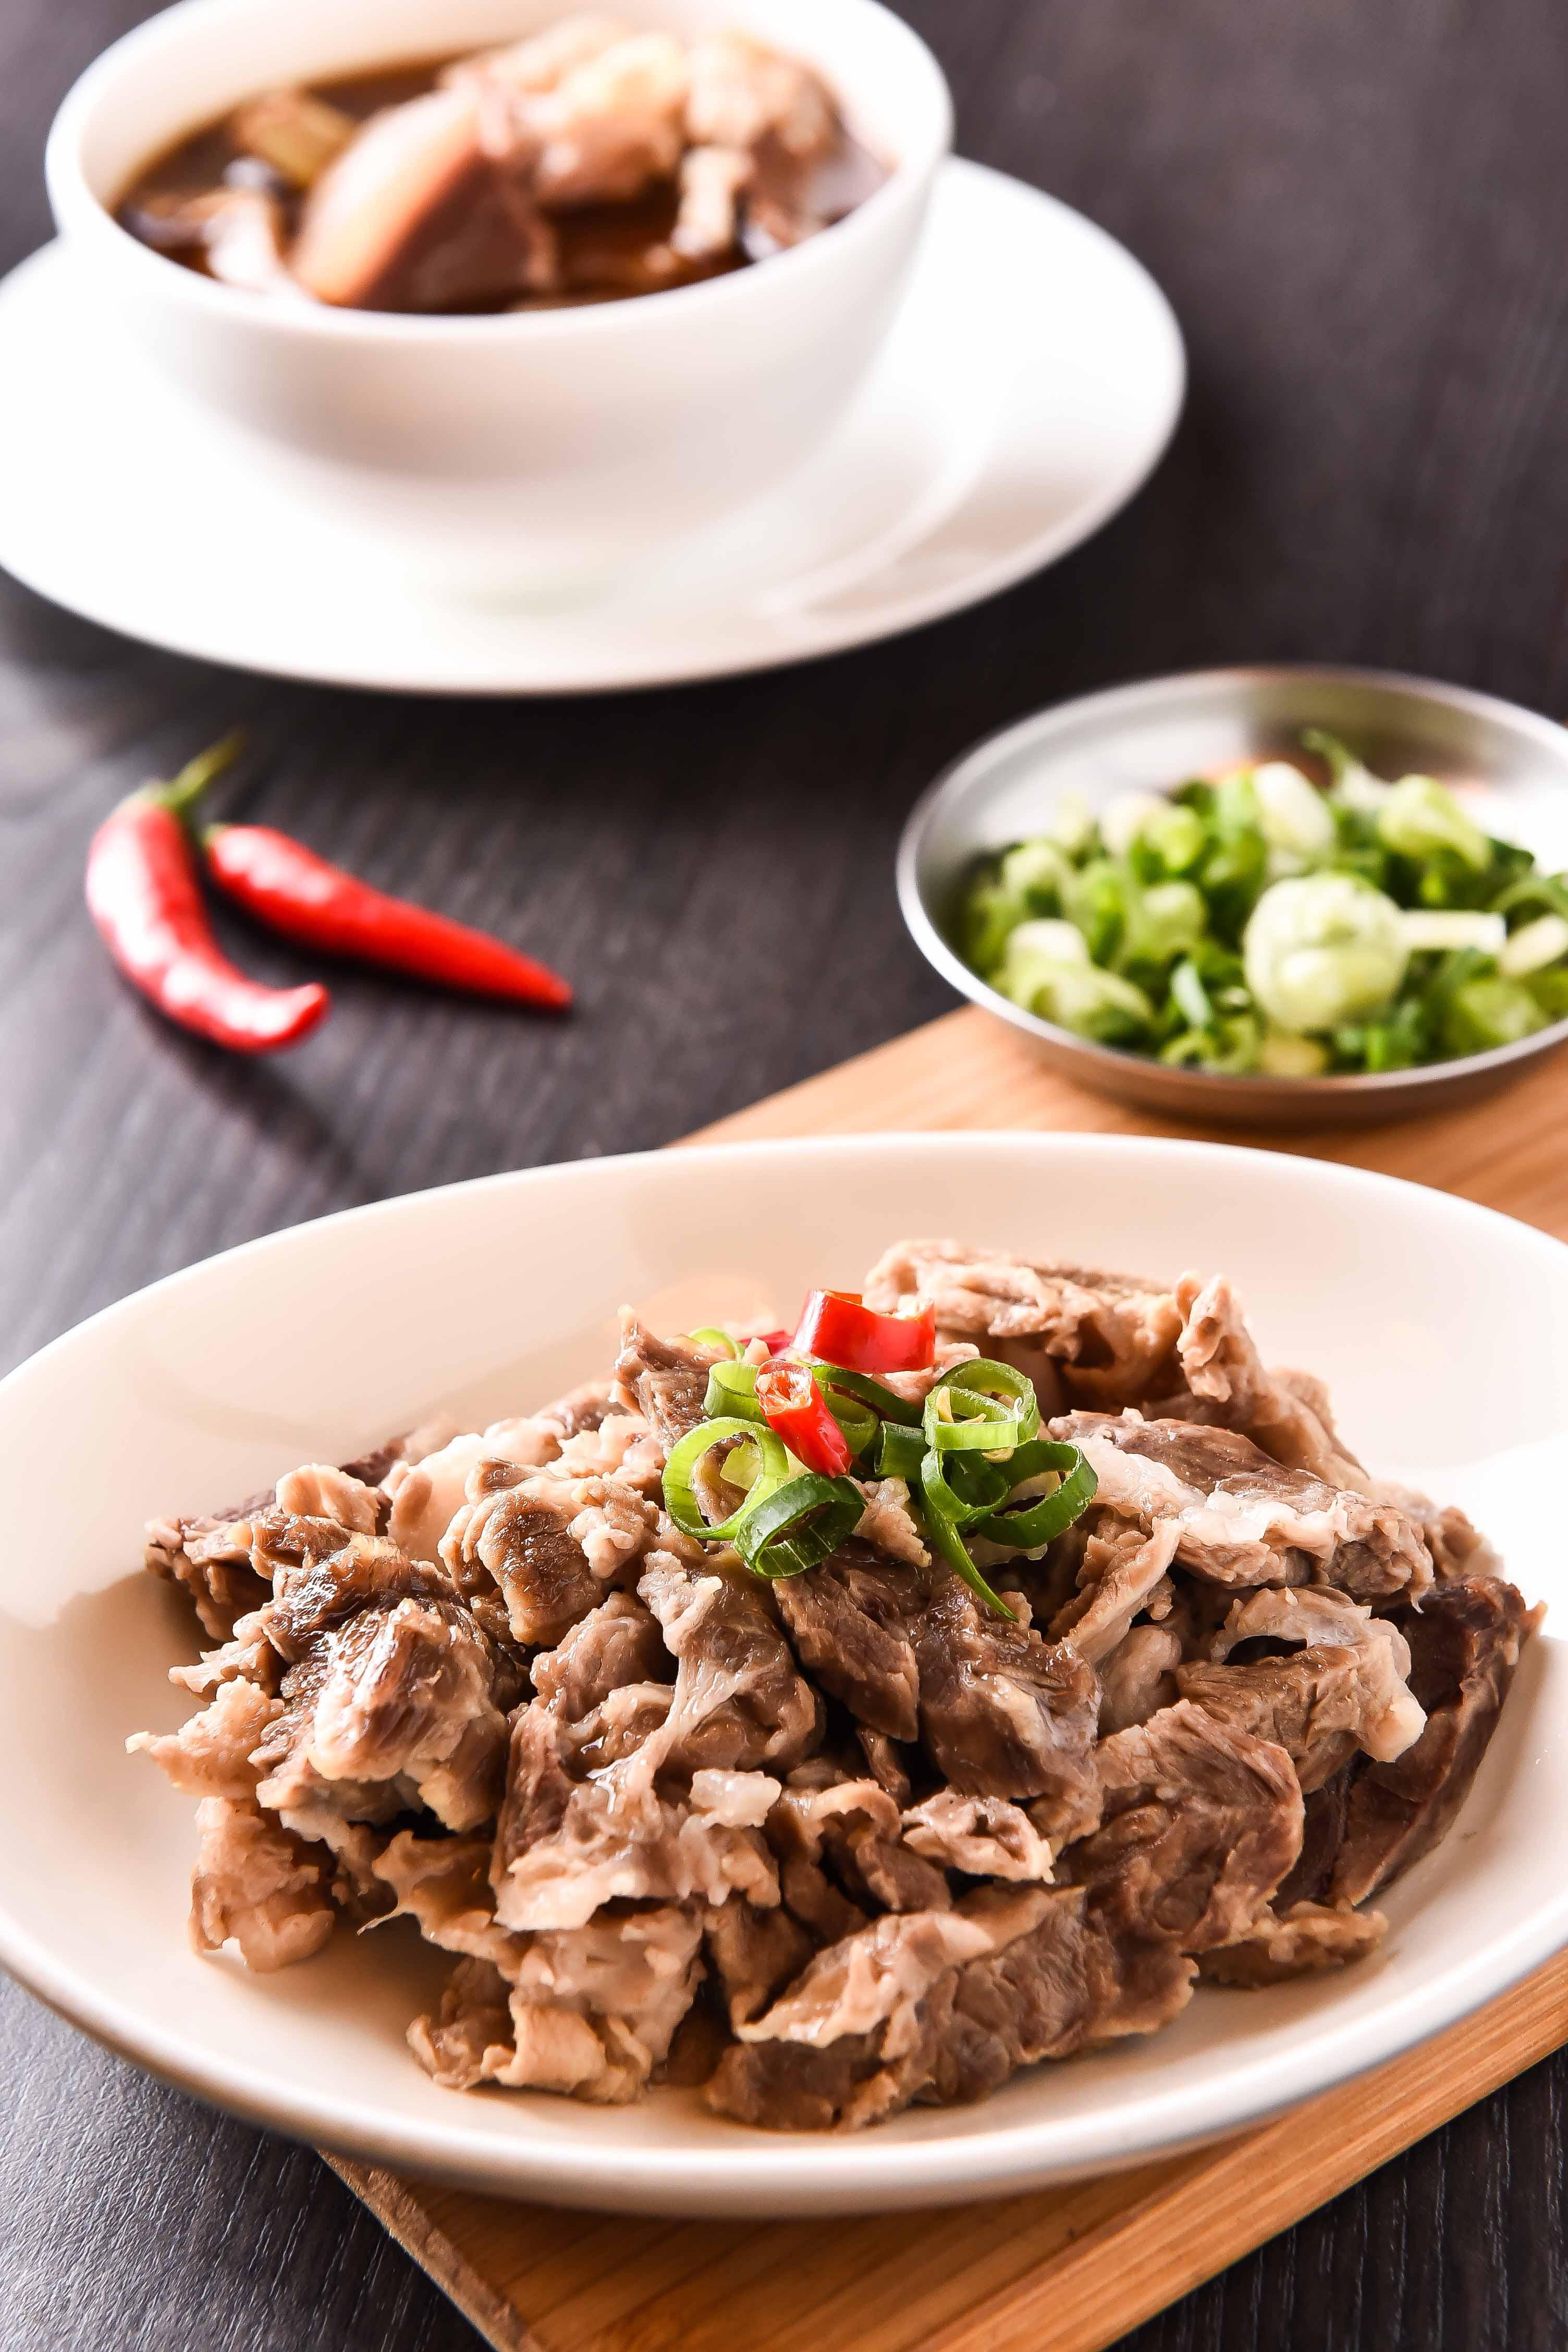 【 咩 】羊礦雜肉 台南知名羊肉爐【傳香三代】 真材食料 高品質嚴選 (80g / 包) 1